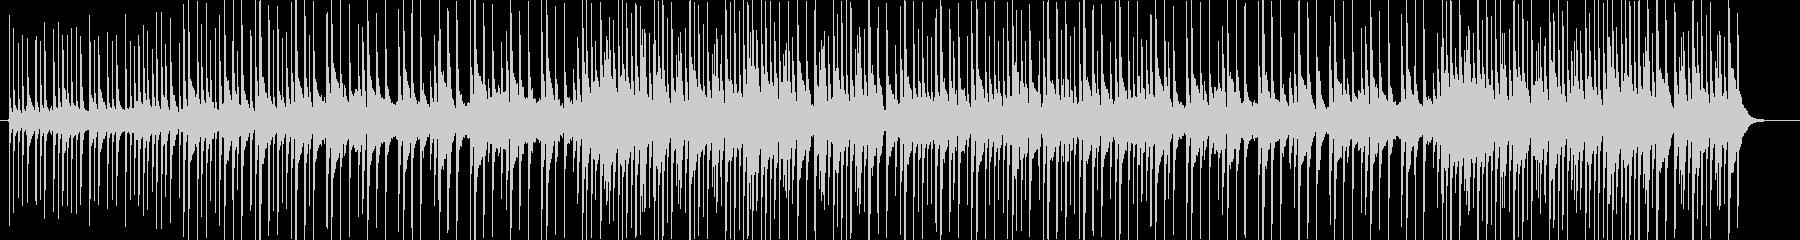 和風_BGMの未再生の波形